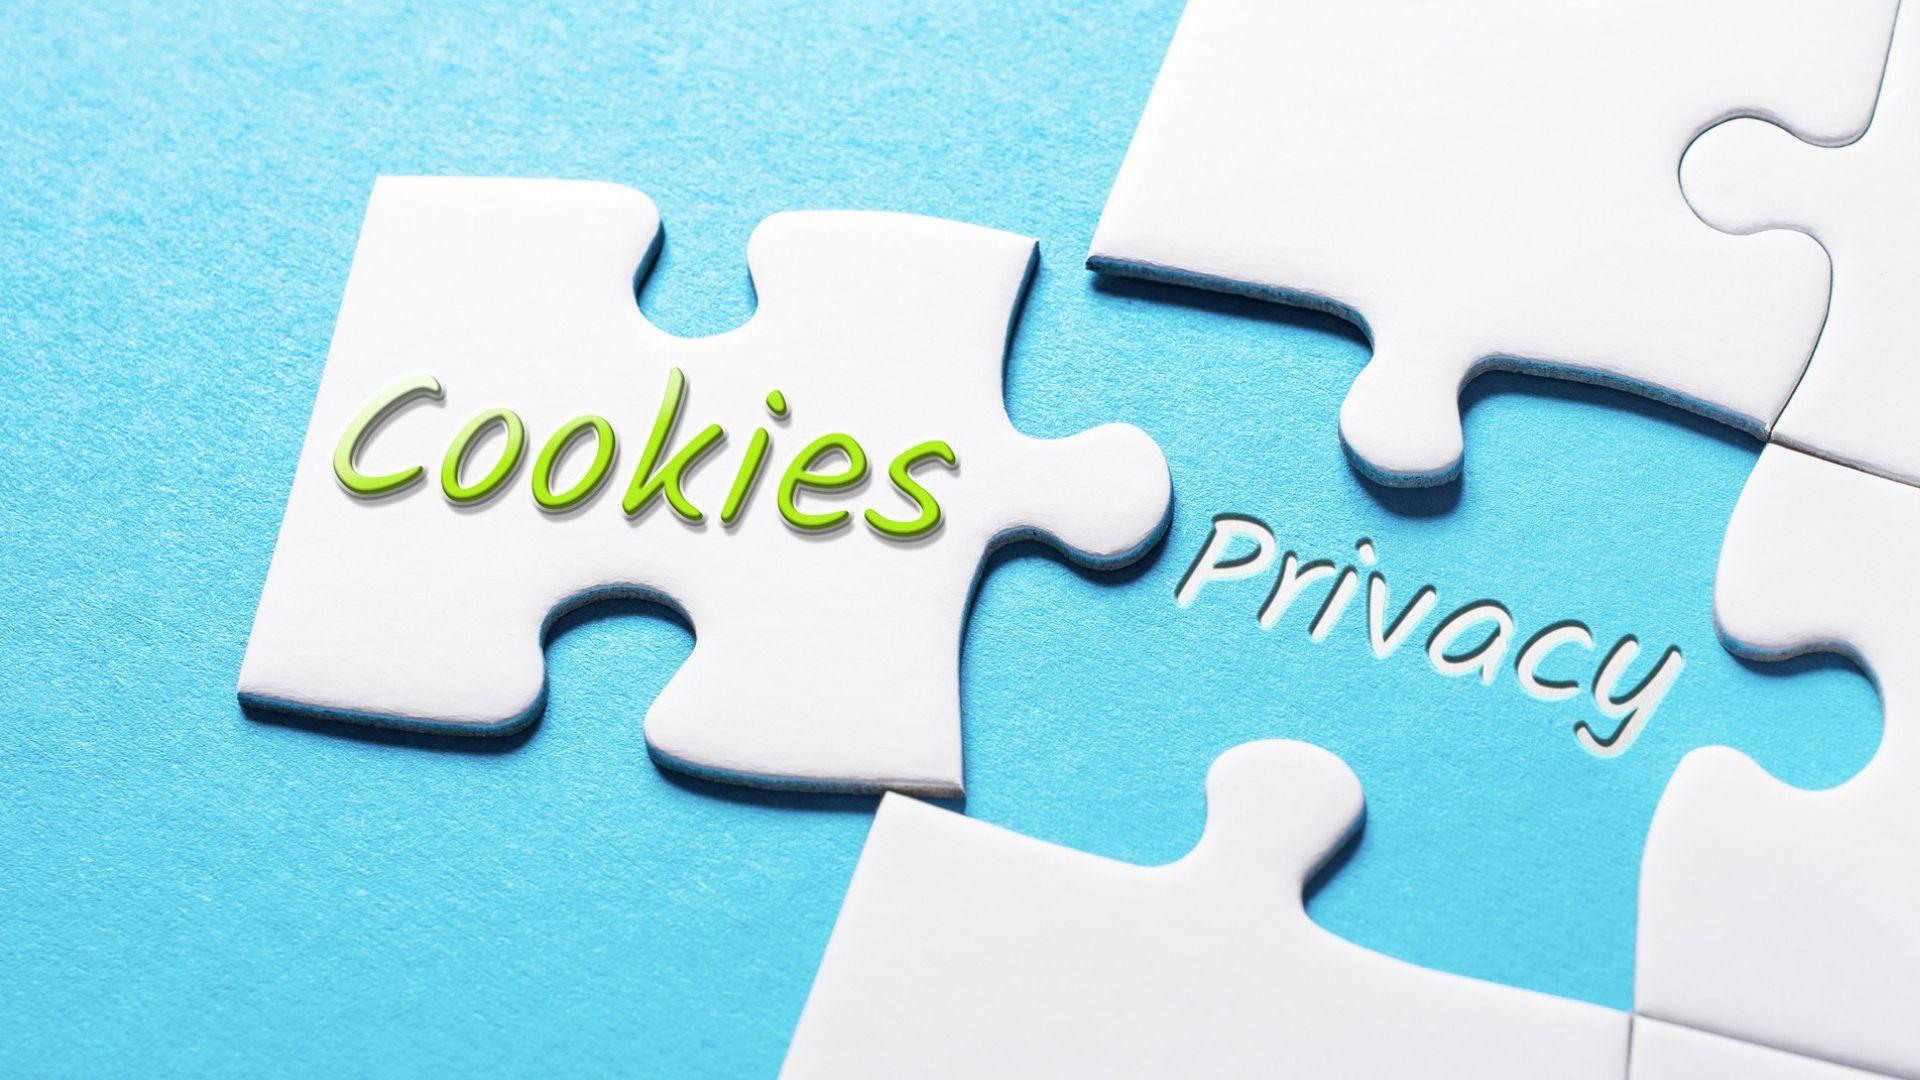 Apple quiere reinventar la atribución... respetando la privacidad: un manifiesto en 4 puntos